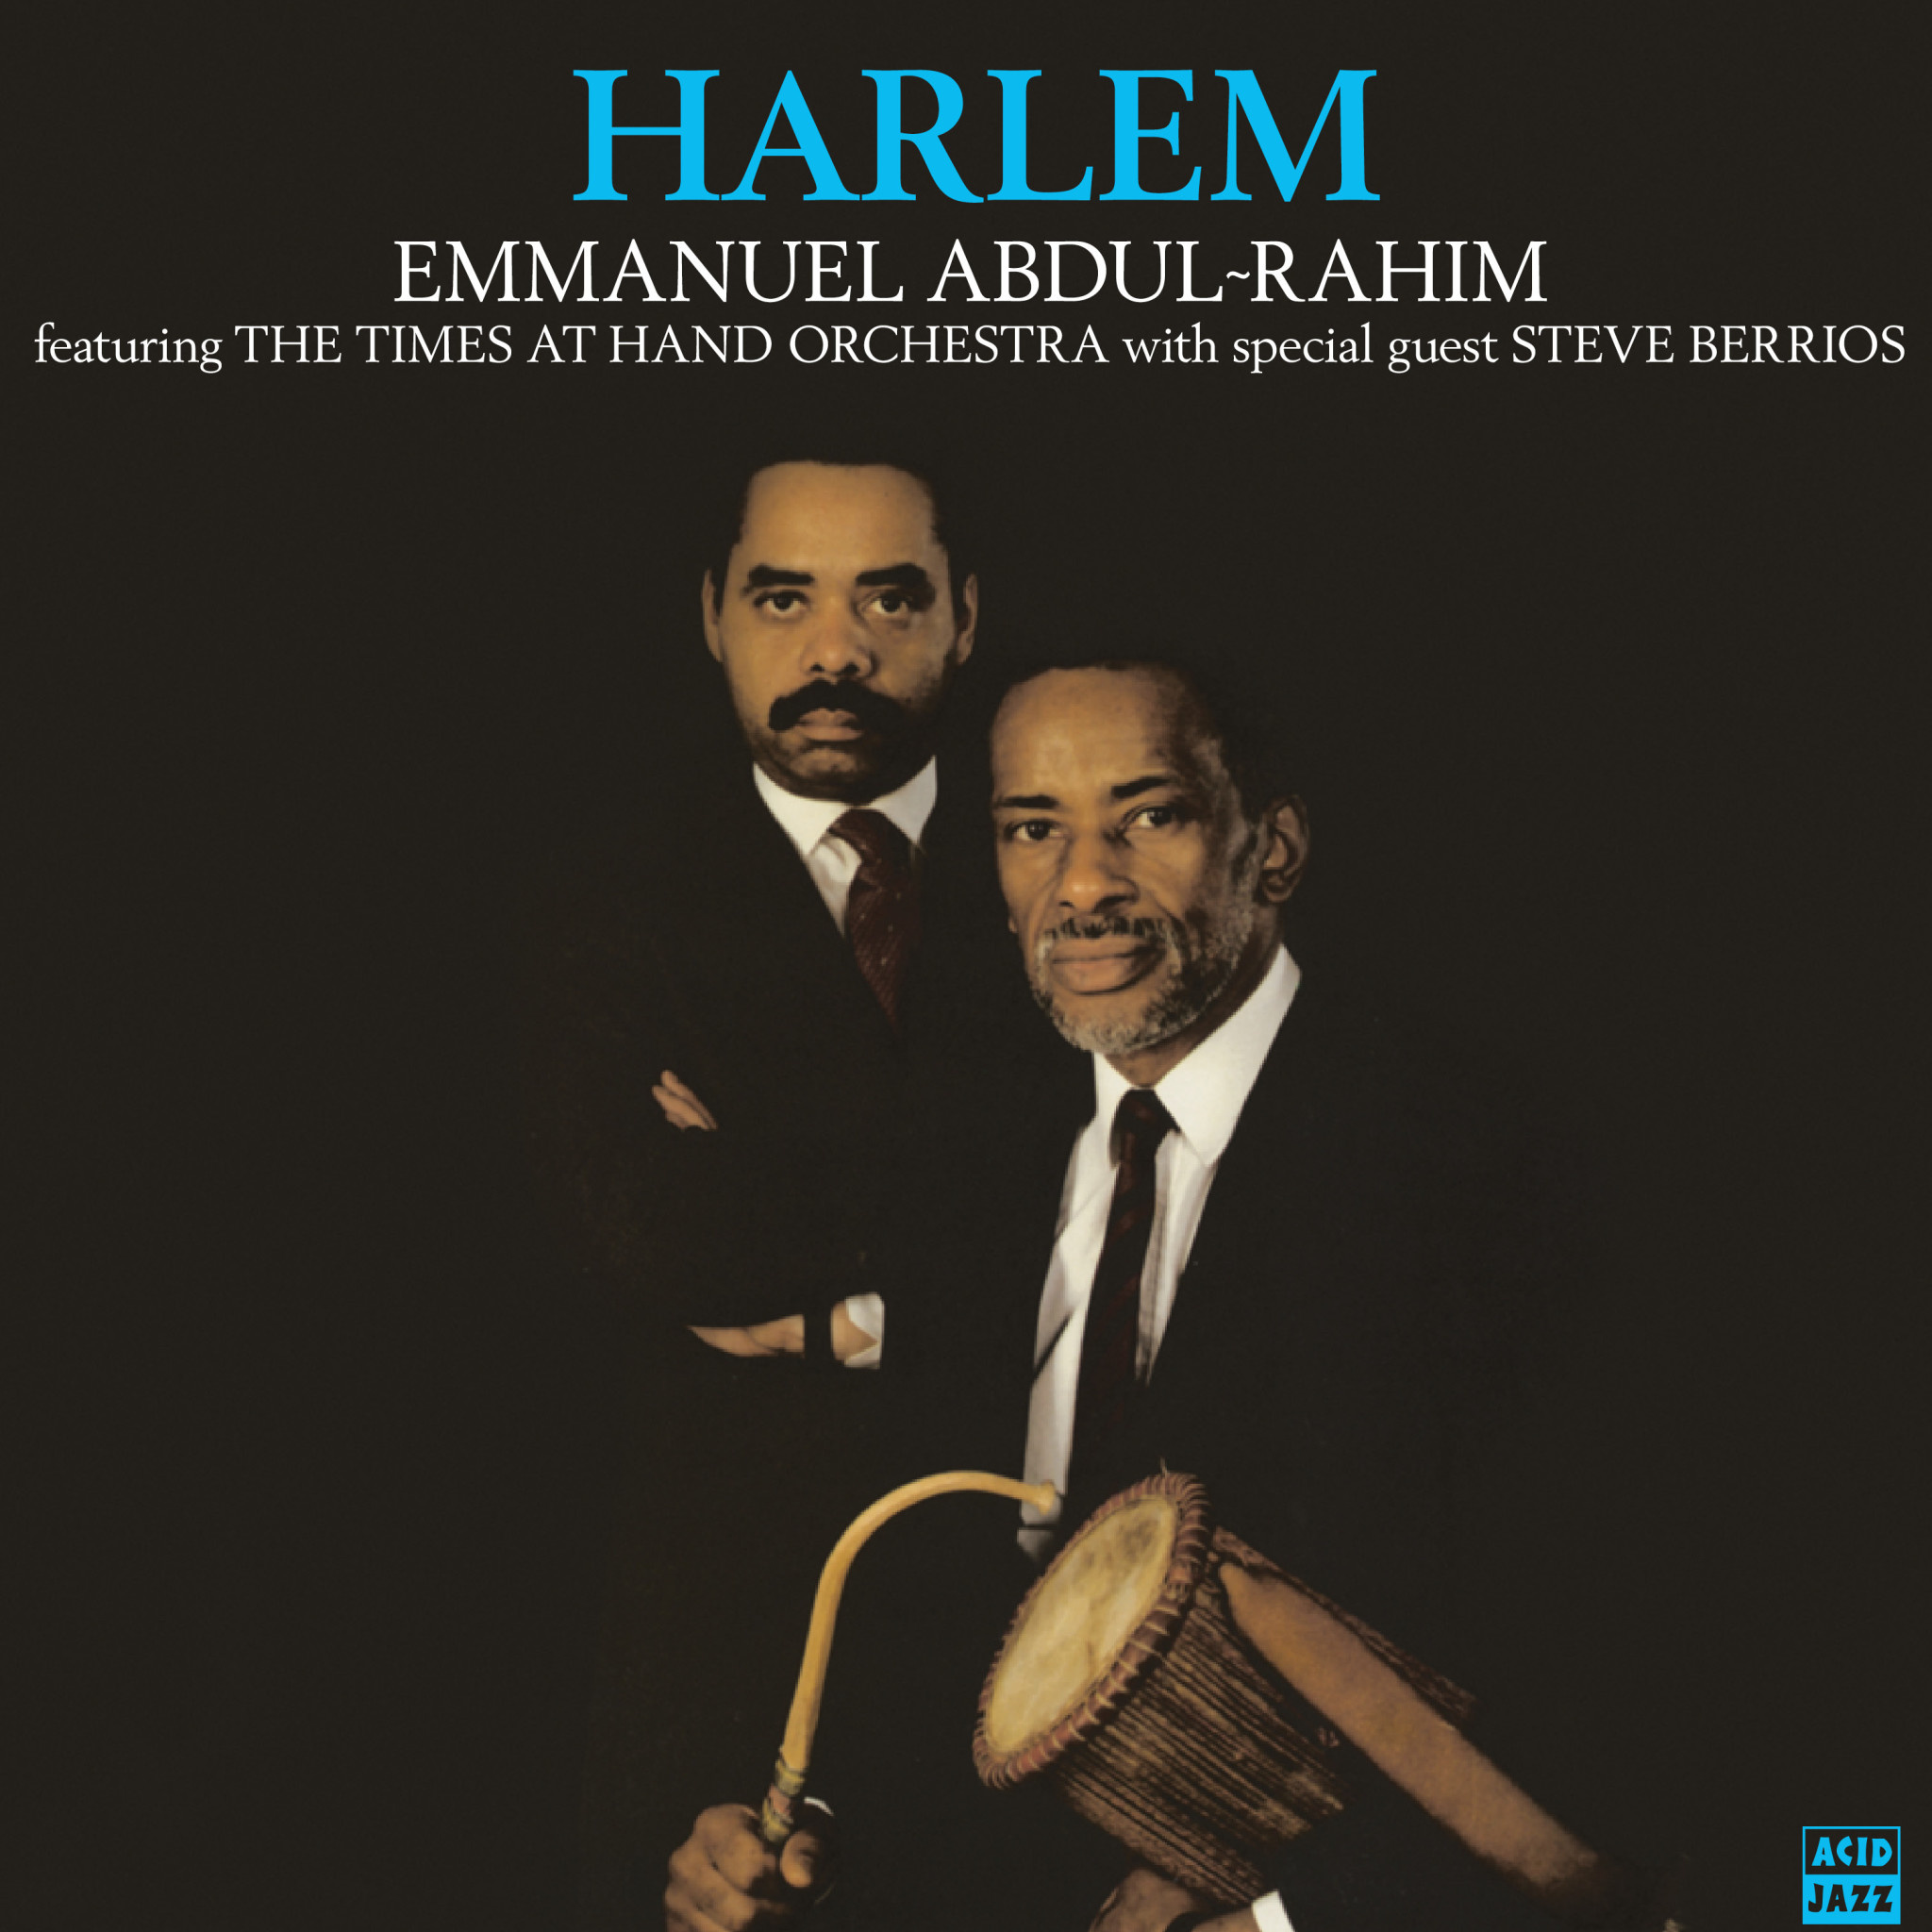 Acid Jazz Emmanuel Abdul-Rahim - Harlem